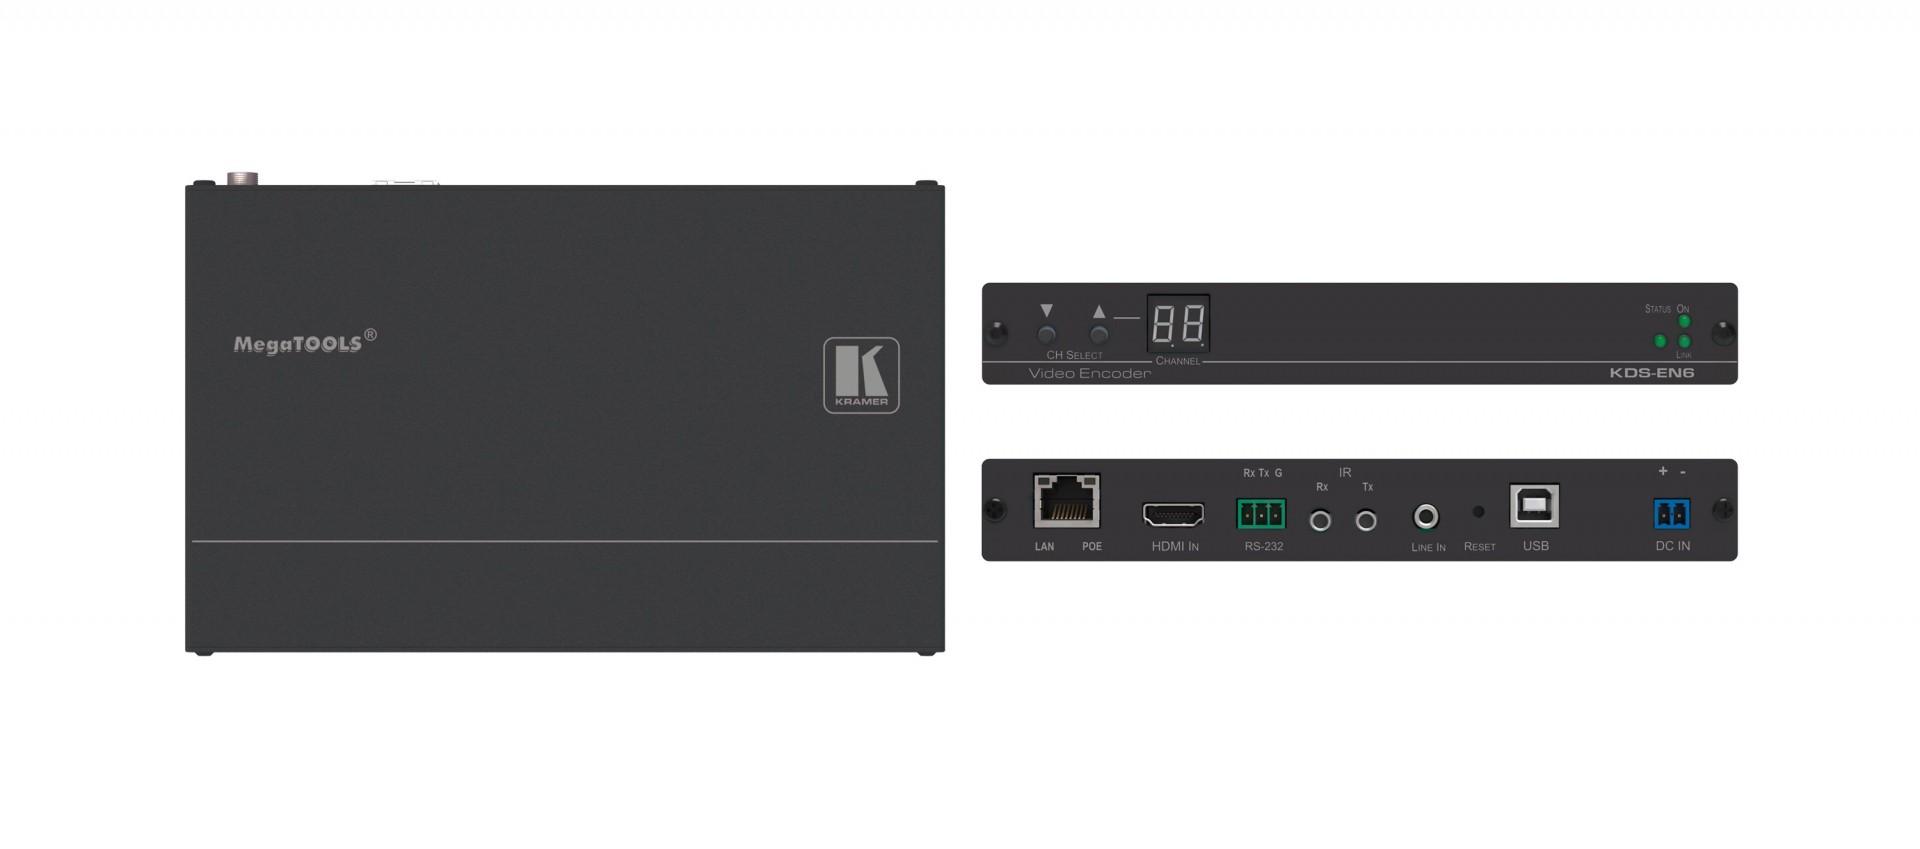 Kramer KDS-EN6 4K60 4:2:0 HDCP 2.2 Video Encoder